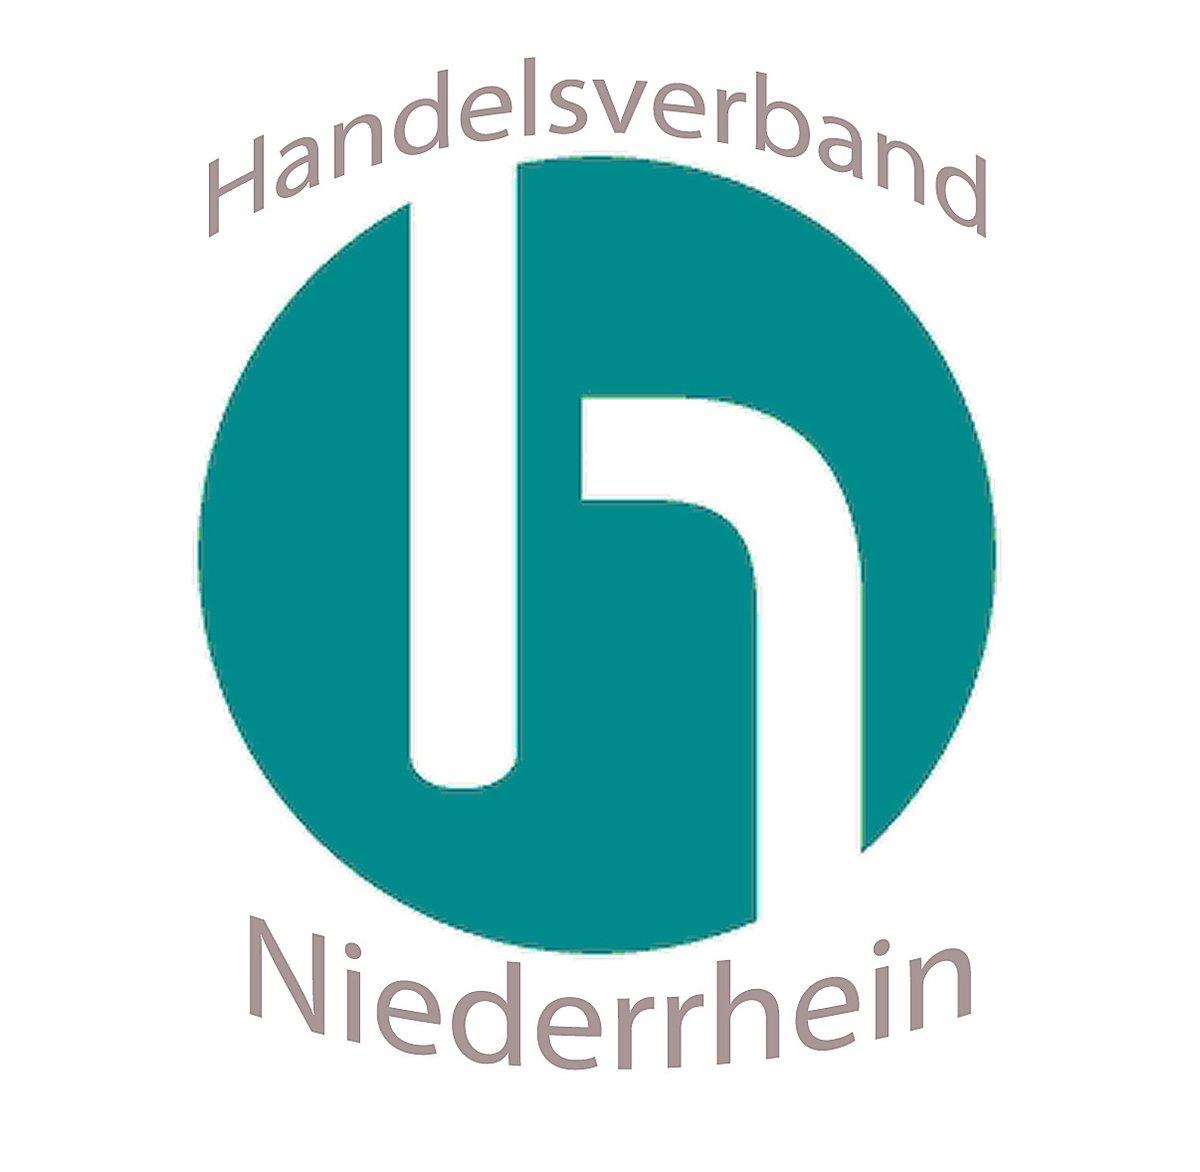 Seminar Des Handelsverband Niederrhein Wie Wirke Ich Körpersprache